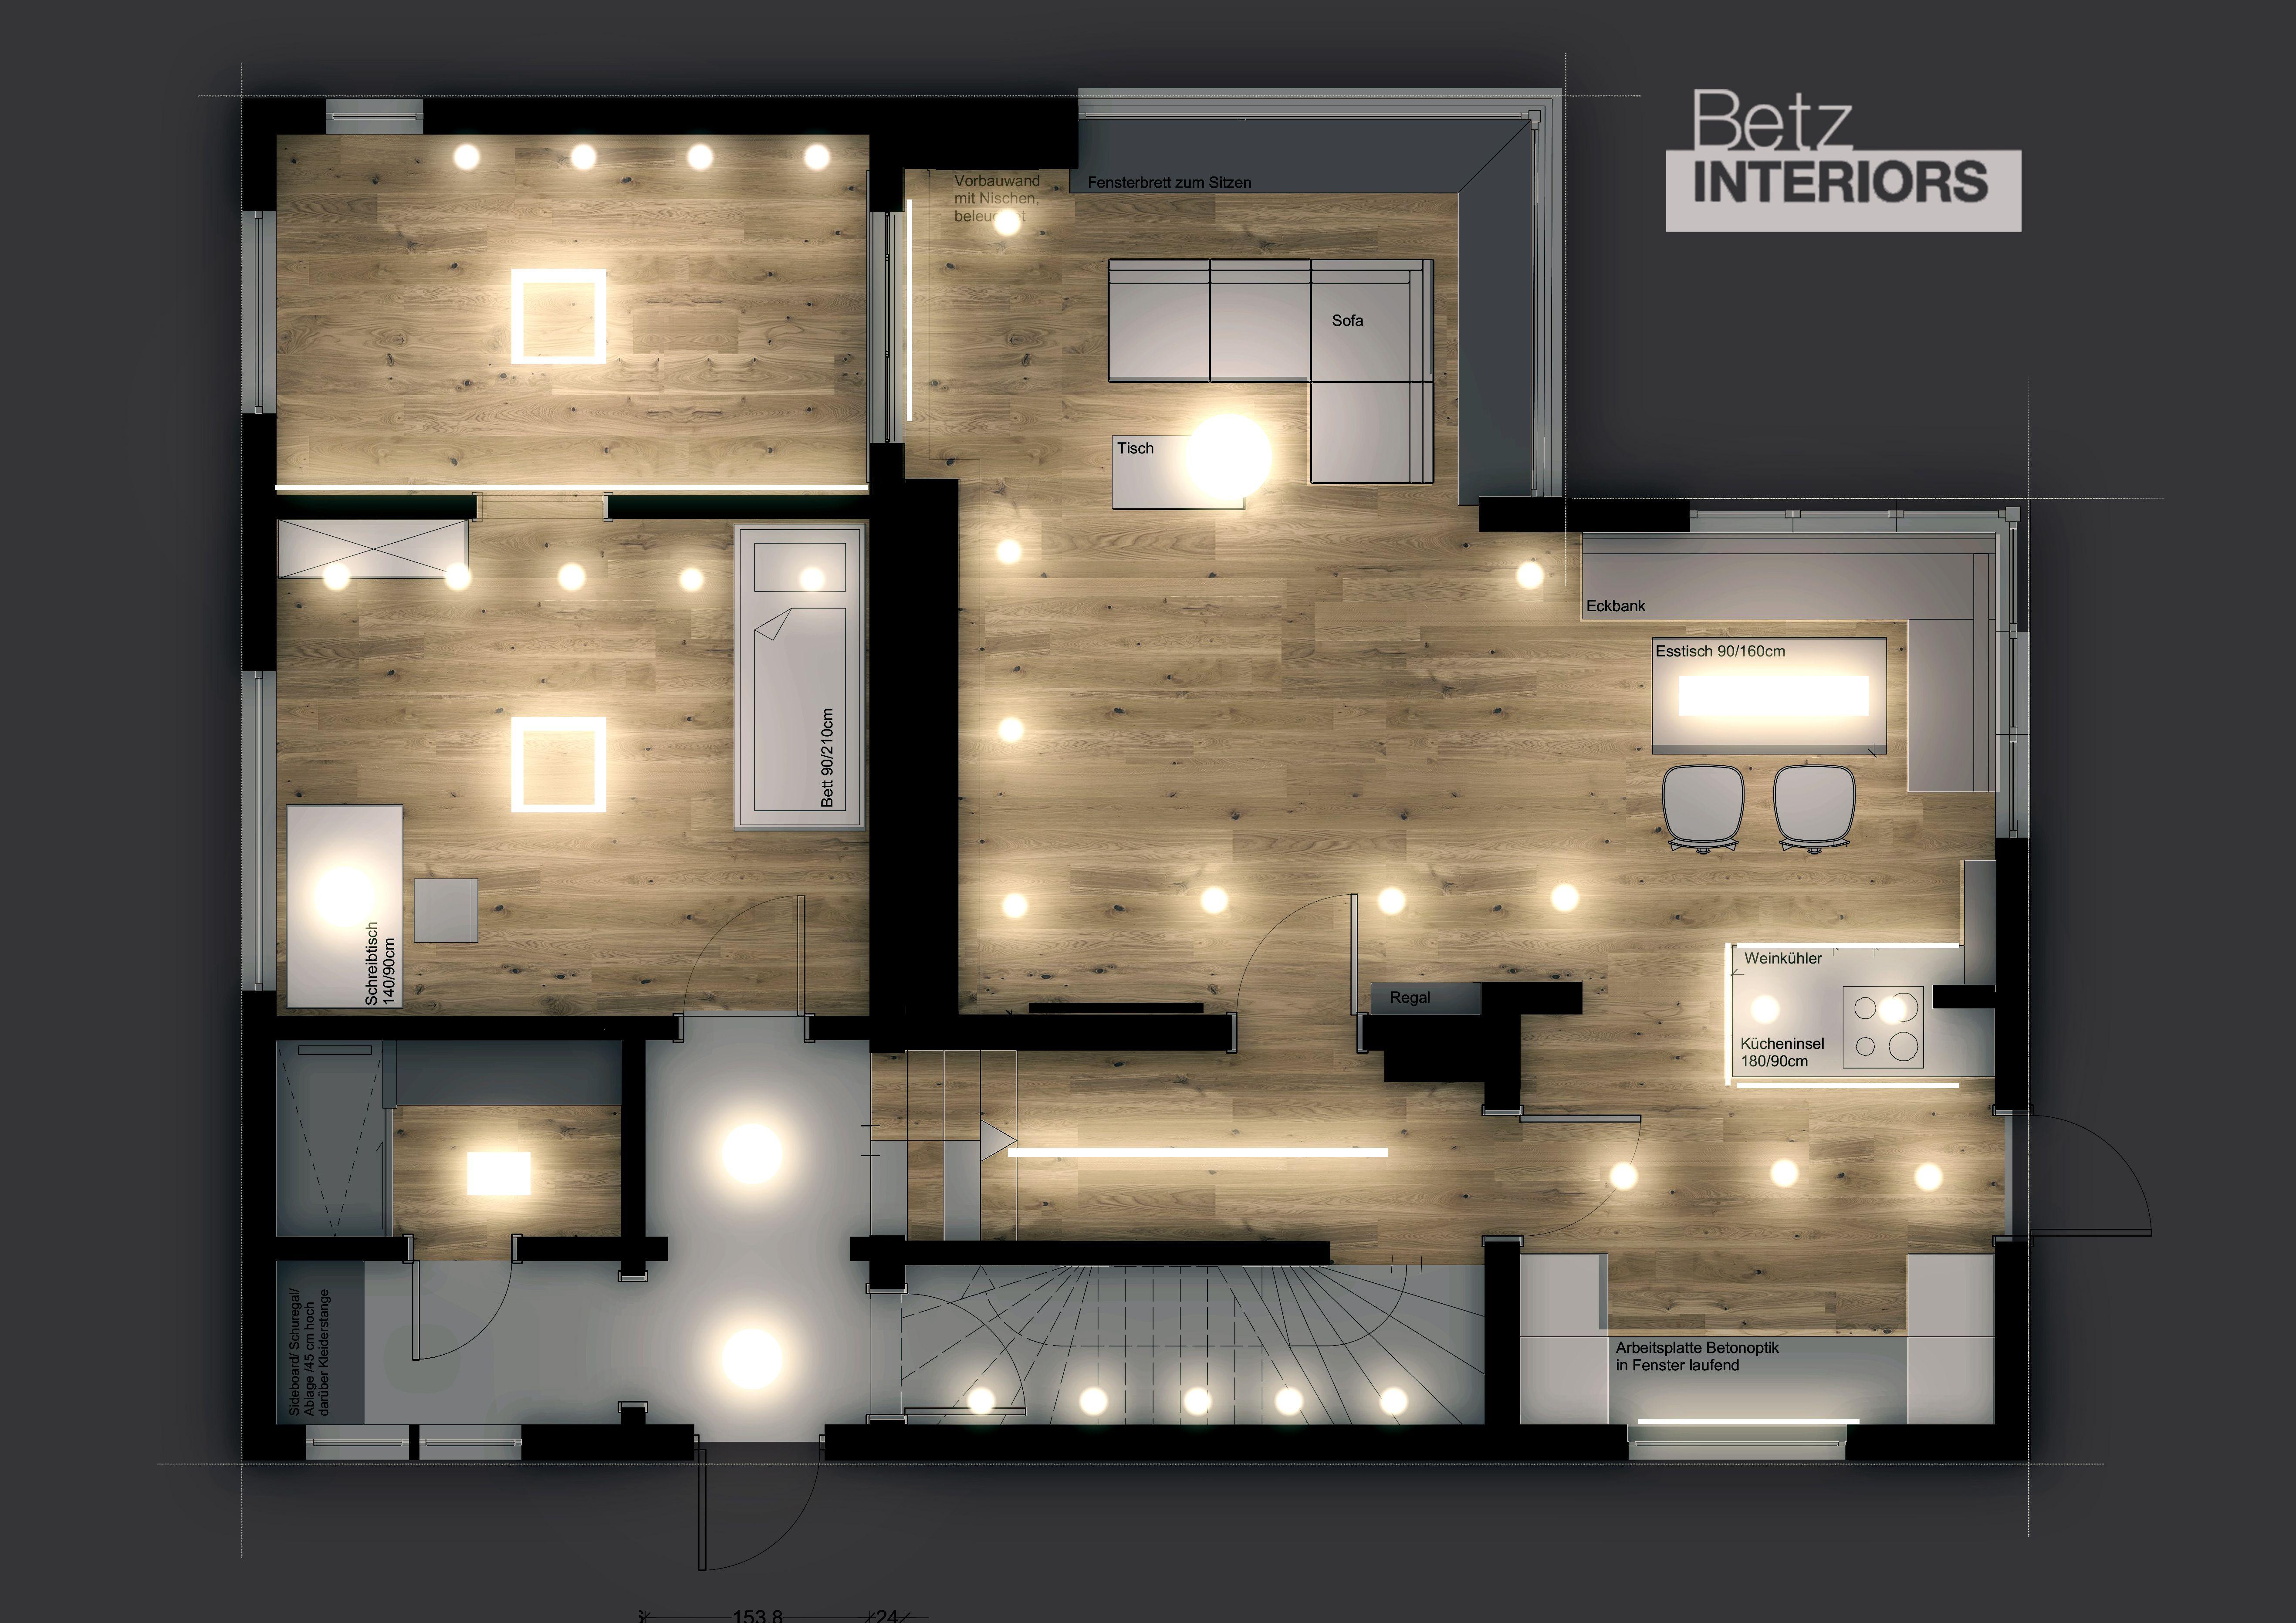 Onlineberatung Innenarchitektur In 2020 Lichtplanung Beleuchtungskonzepte Wohnungsbeleuchtung